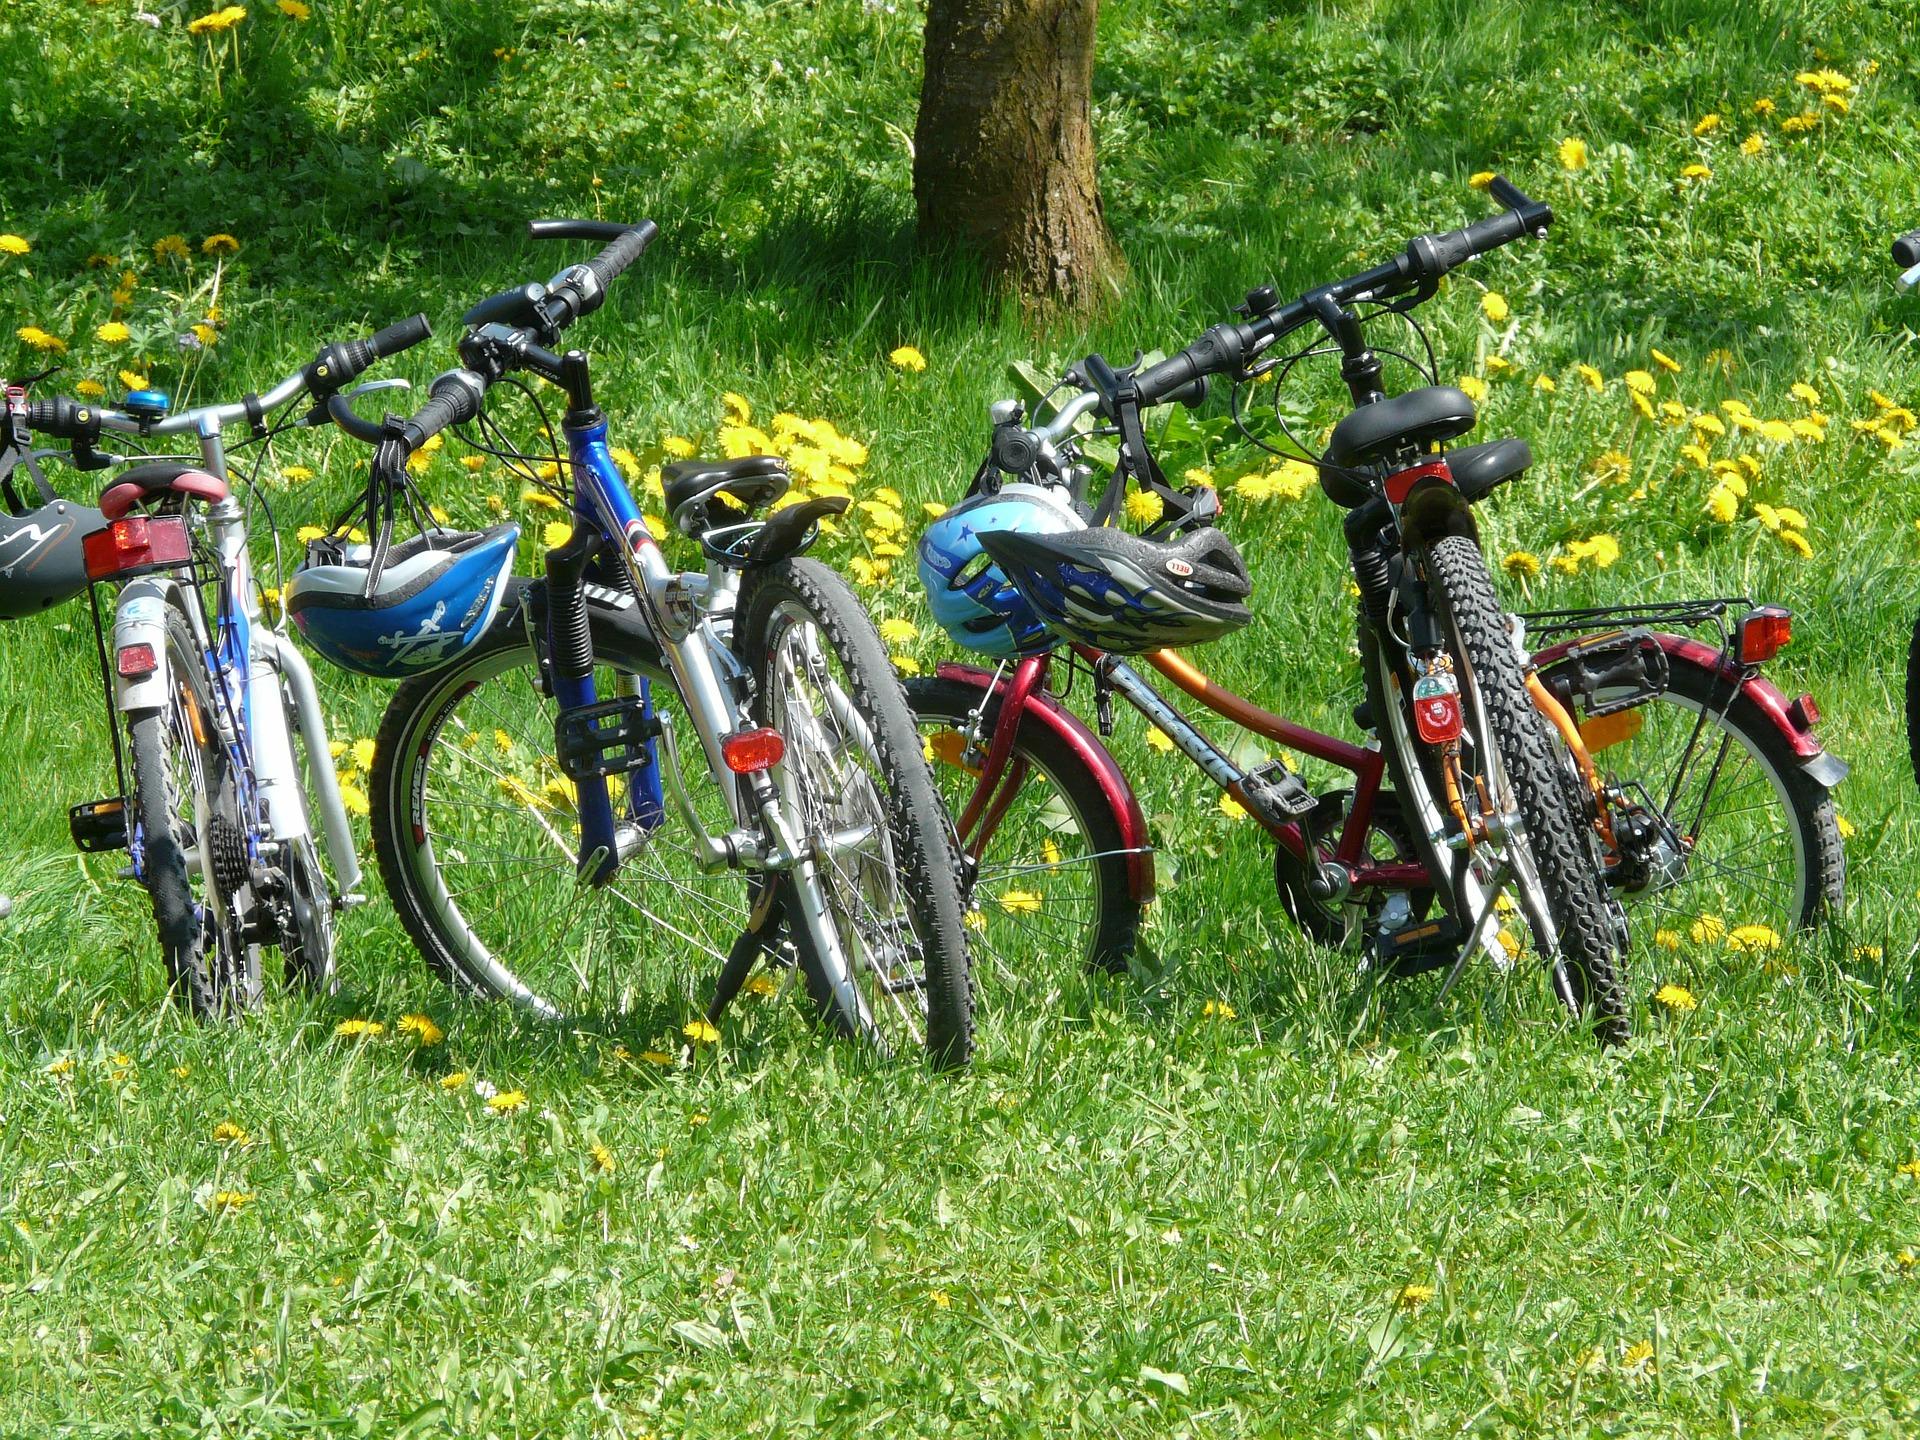 bicycles-6895_1920.jpg